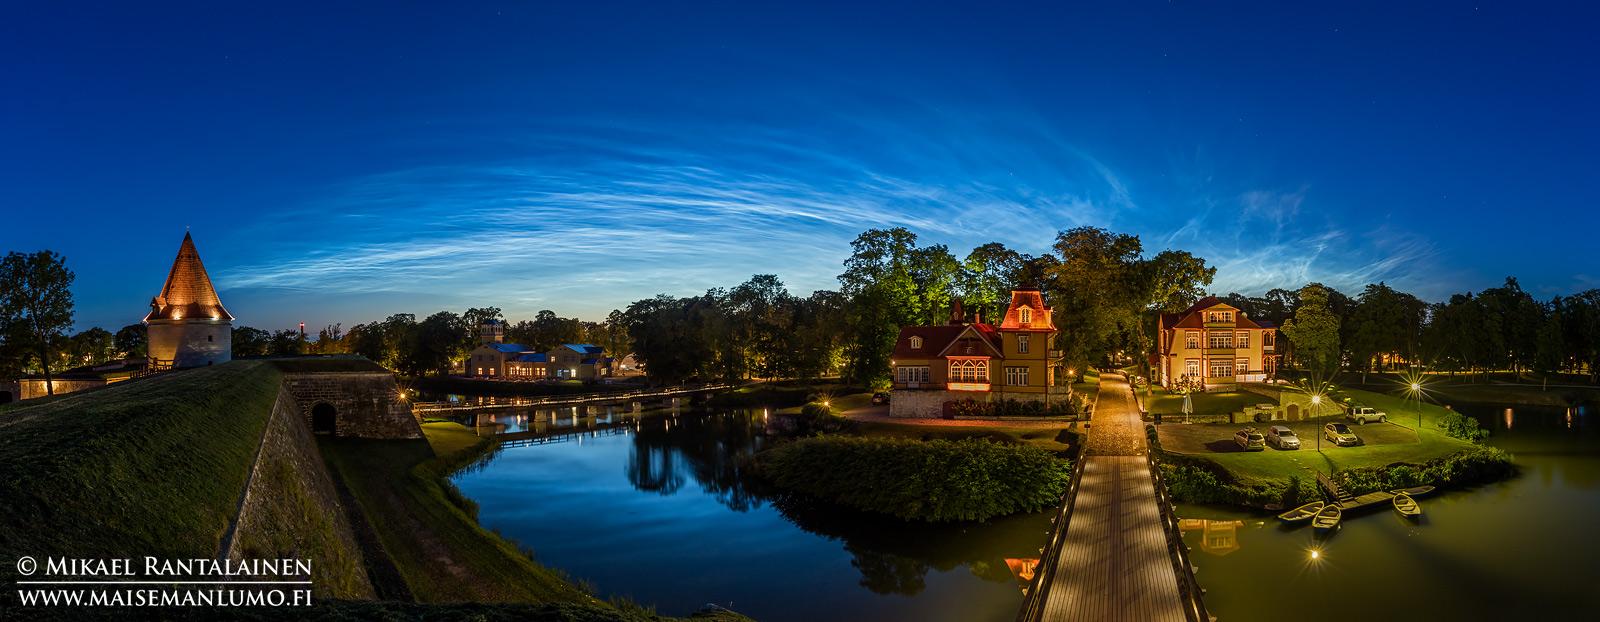 Valaisevat yöpilvet, Kuressaari, Saarenmaa, Viro